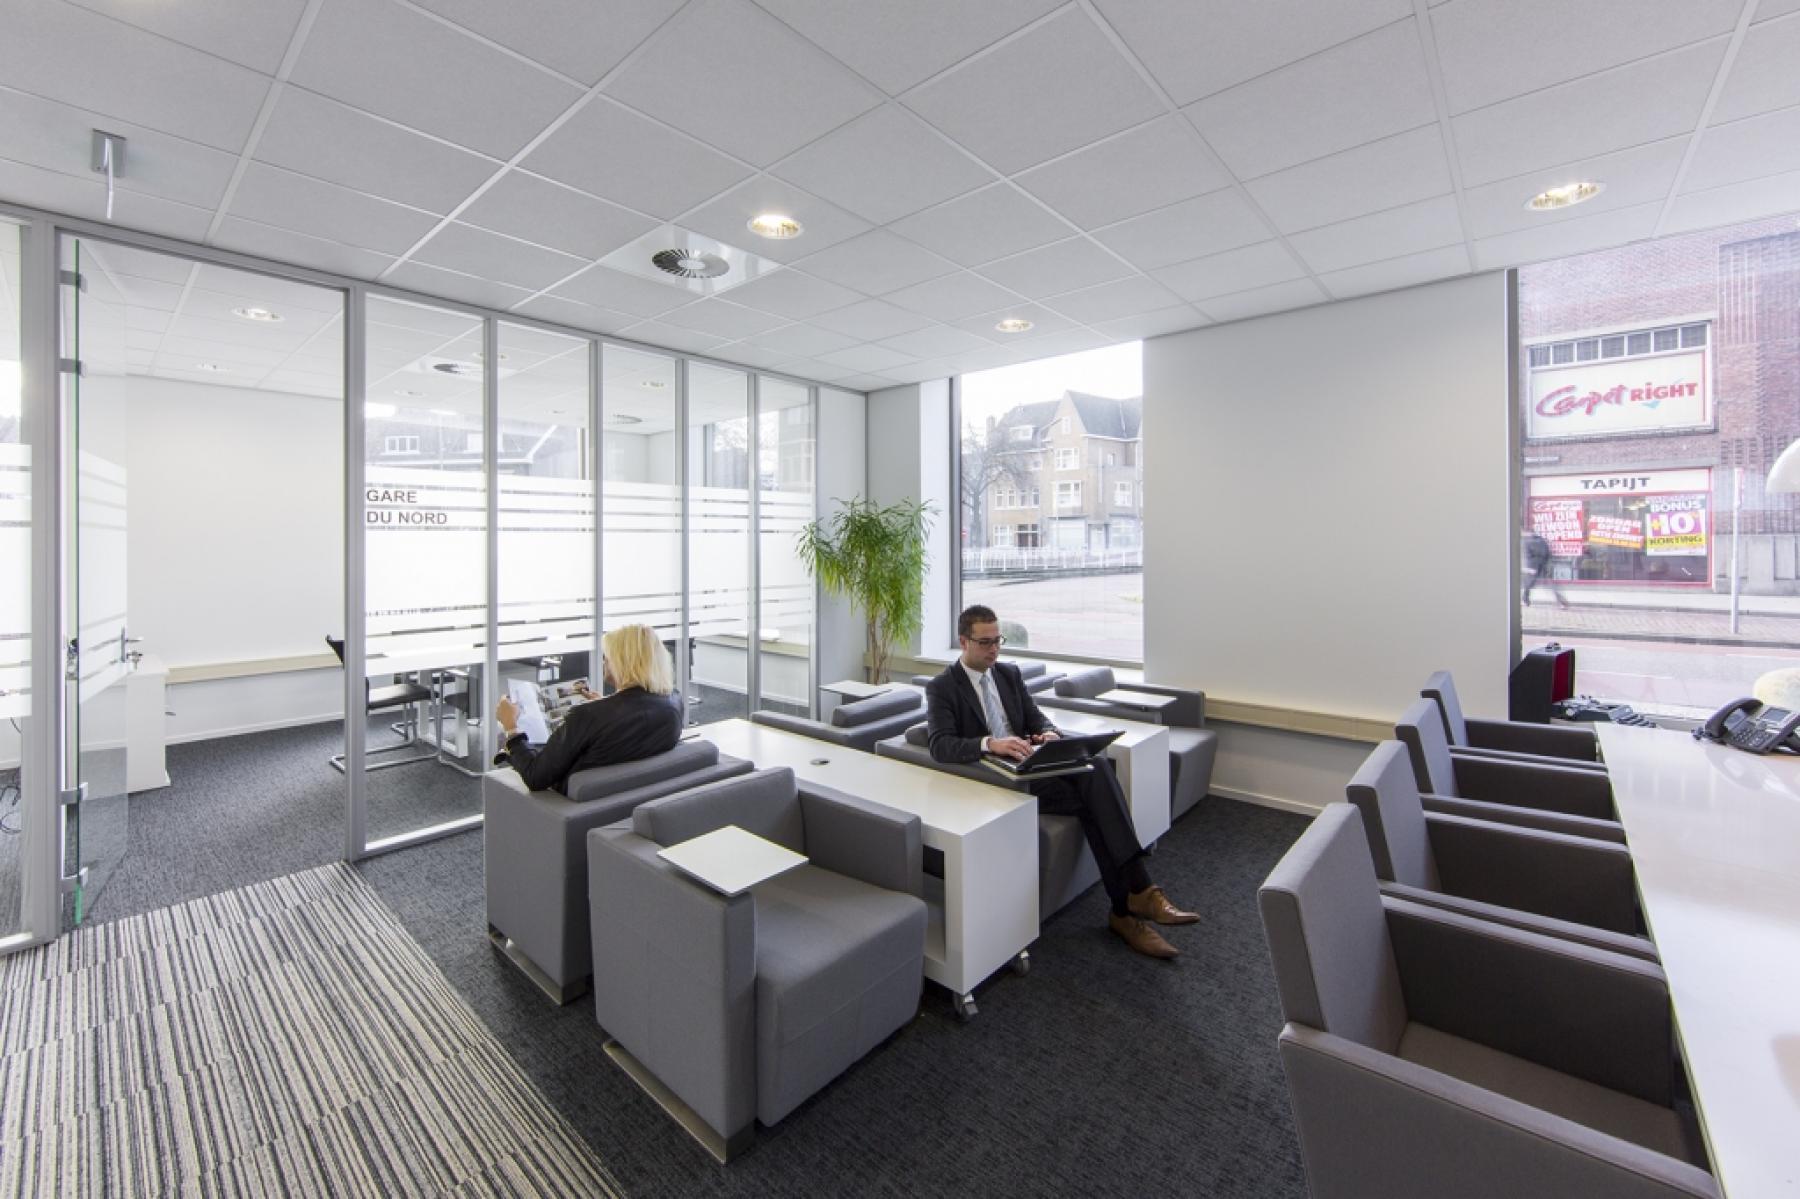 maastricht limburg kantoorruimte beschikbaar